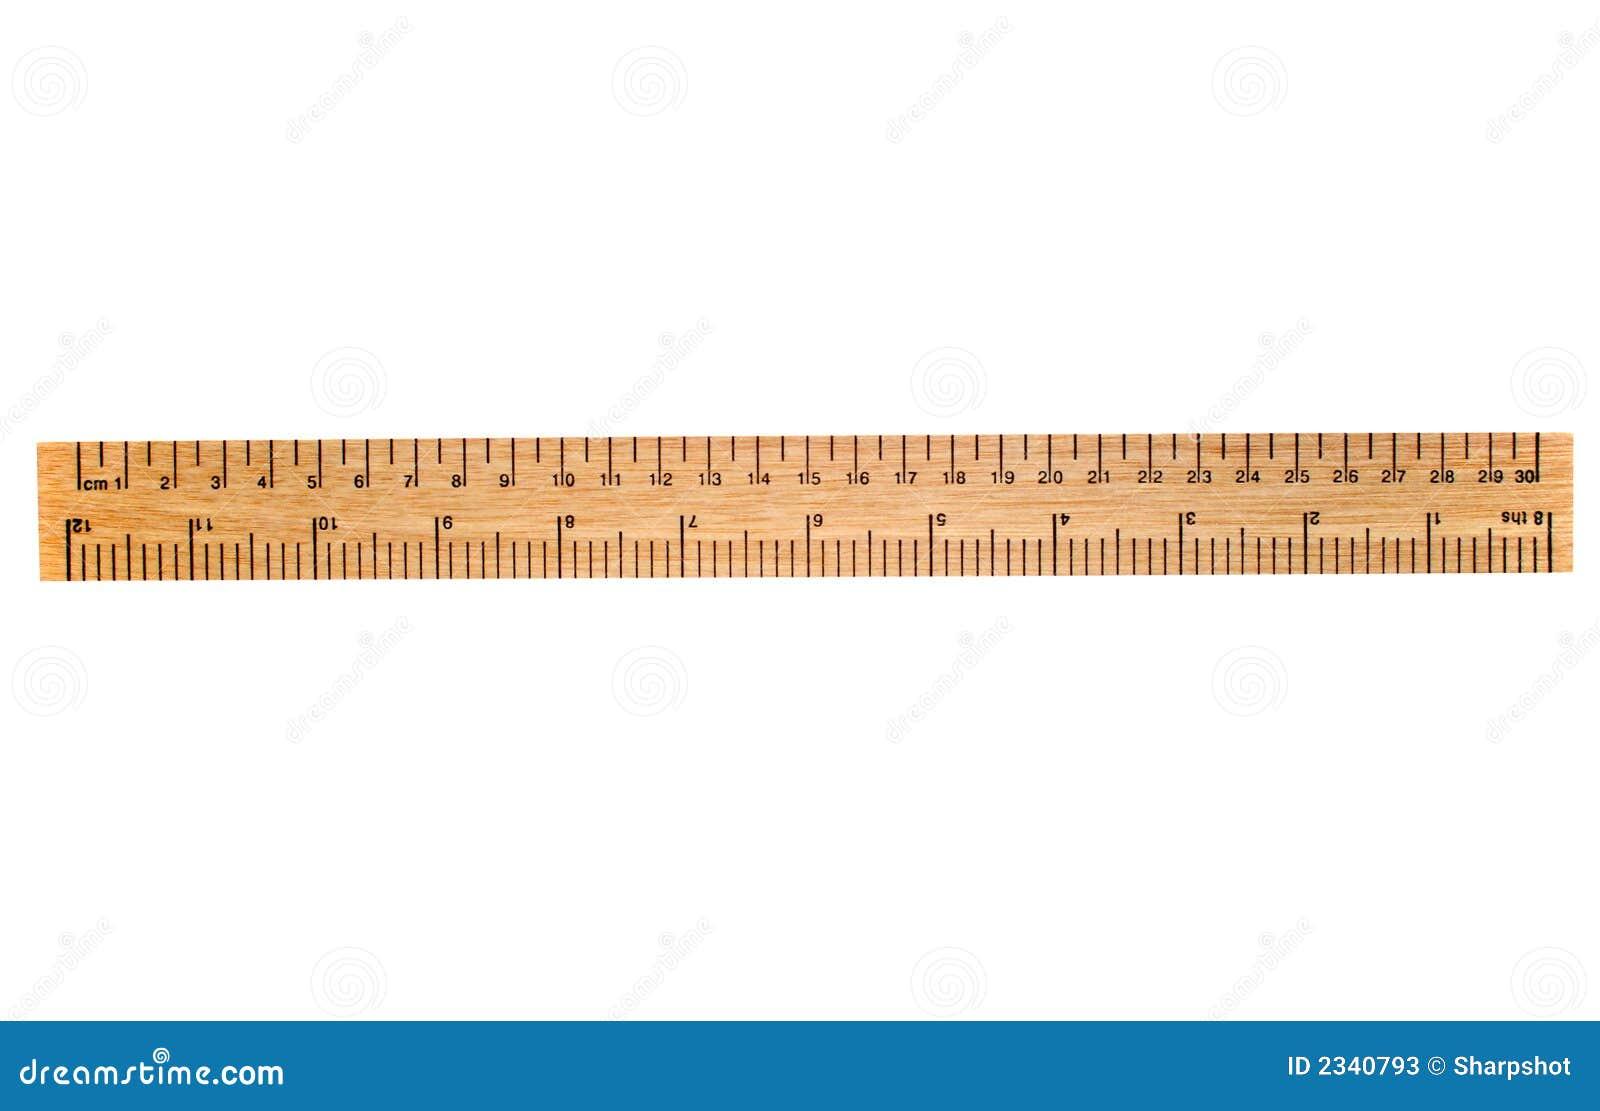 Ein 30 cm hölzernes Tabellierprogramm.